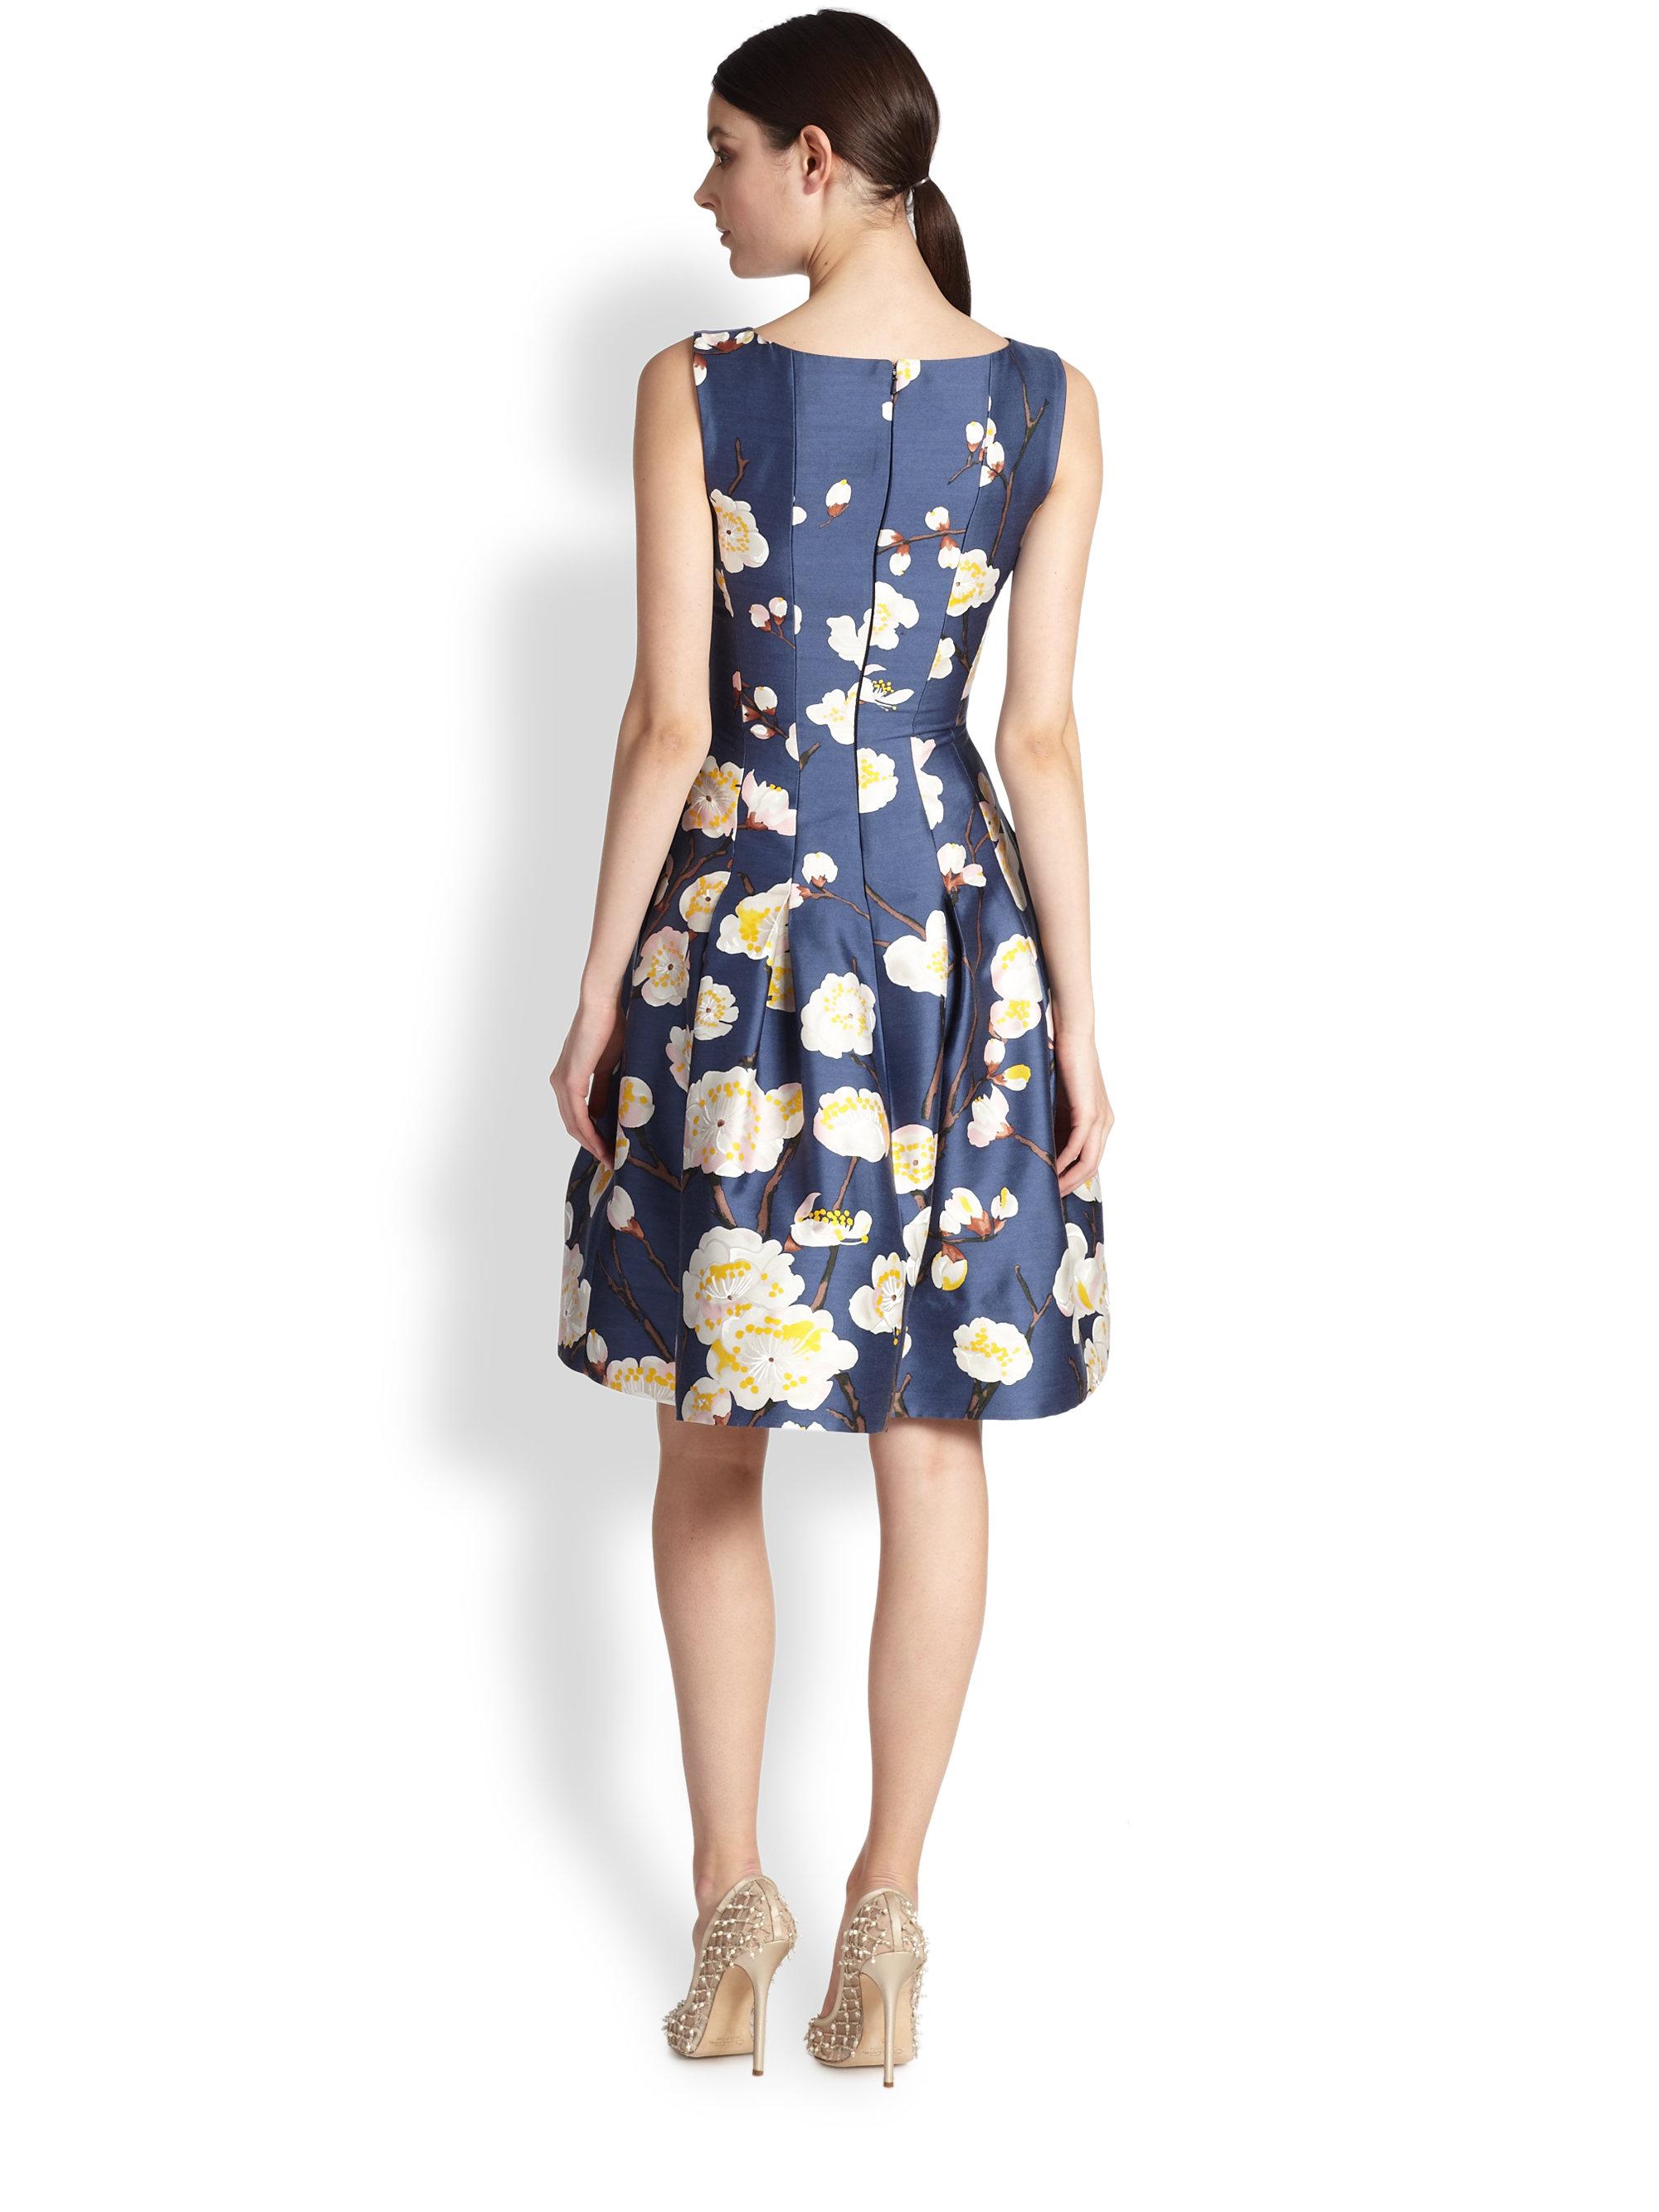 lyst oscar de la renta cherry blossomprint radzmir dress in blue. Black Bedroom Furniture Sets. Home Design Ideas